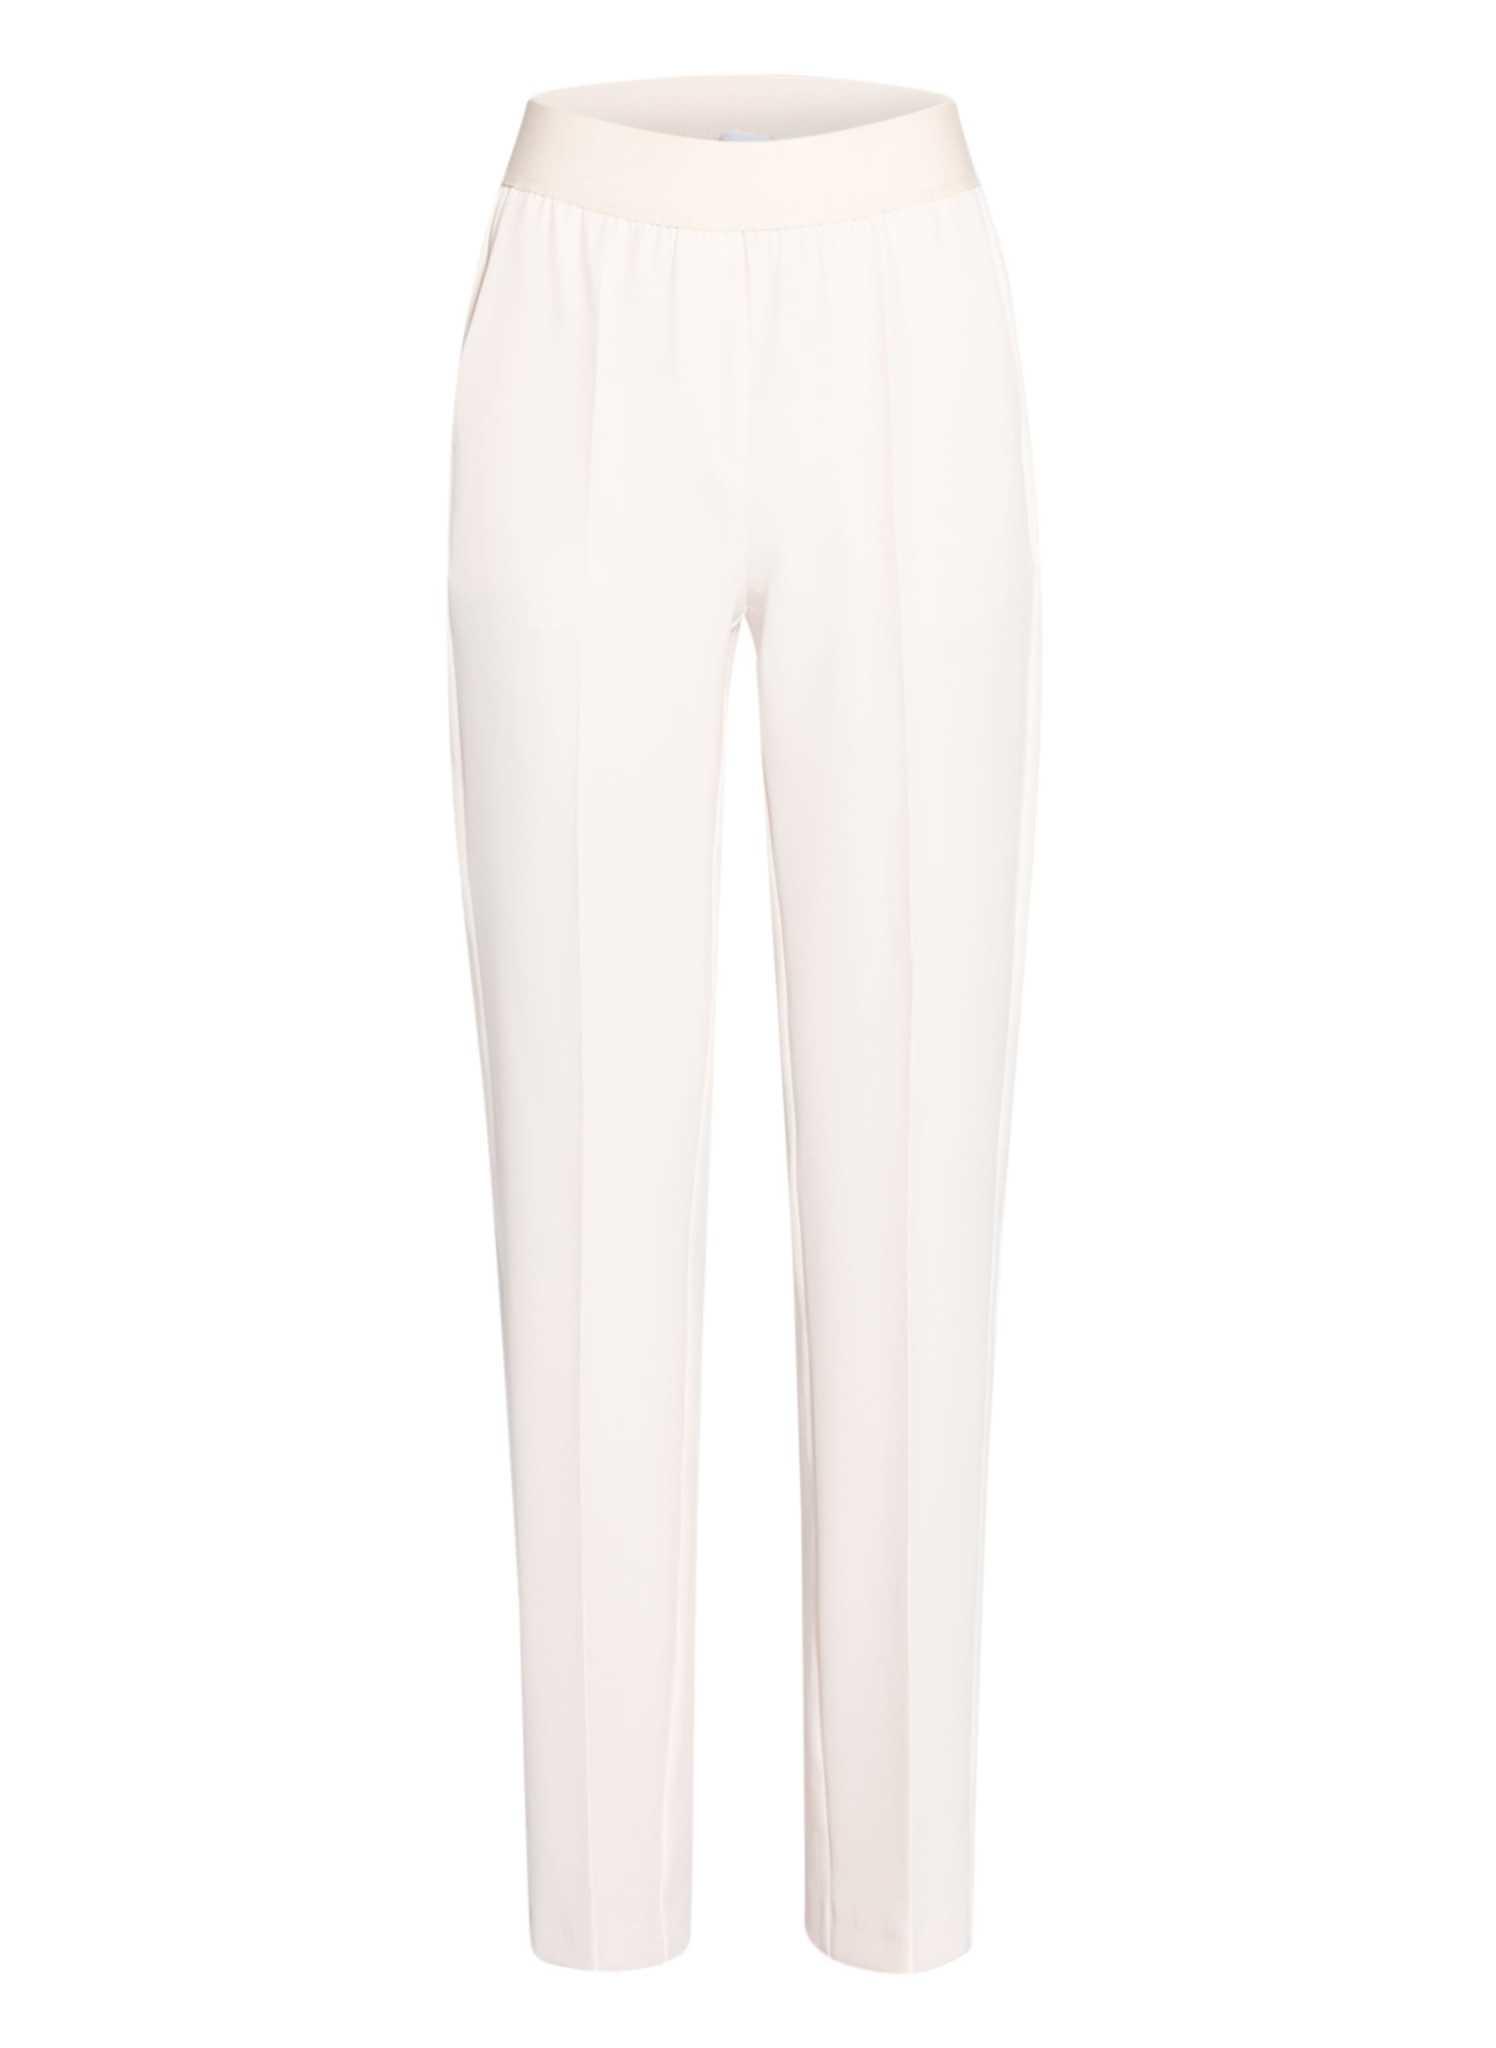 Pants beige-1